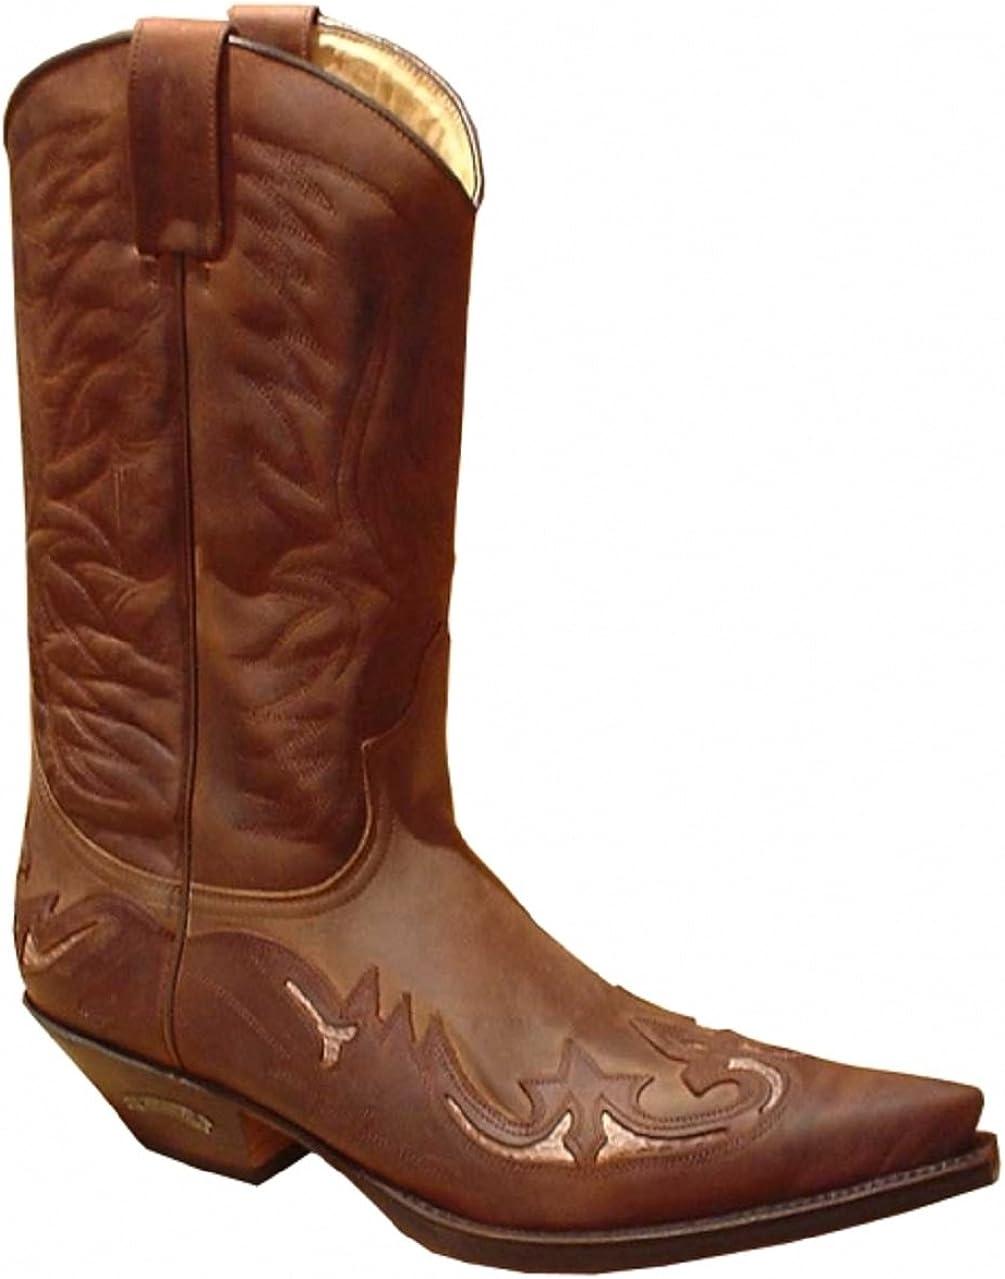 Sendra Boots3565 Adulto Stivali da Motociclista Unisex